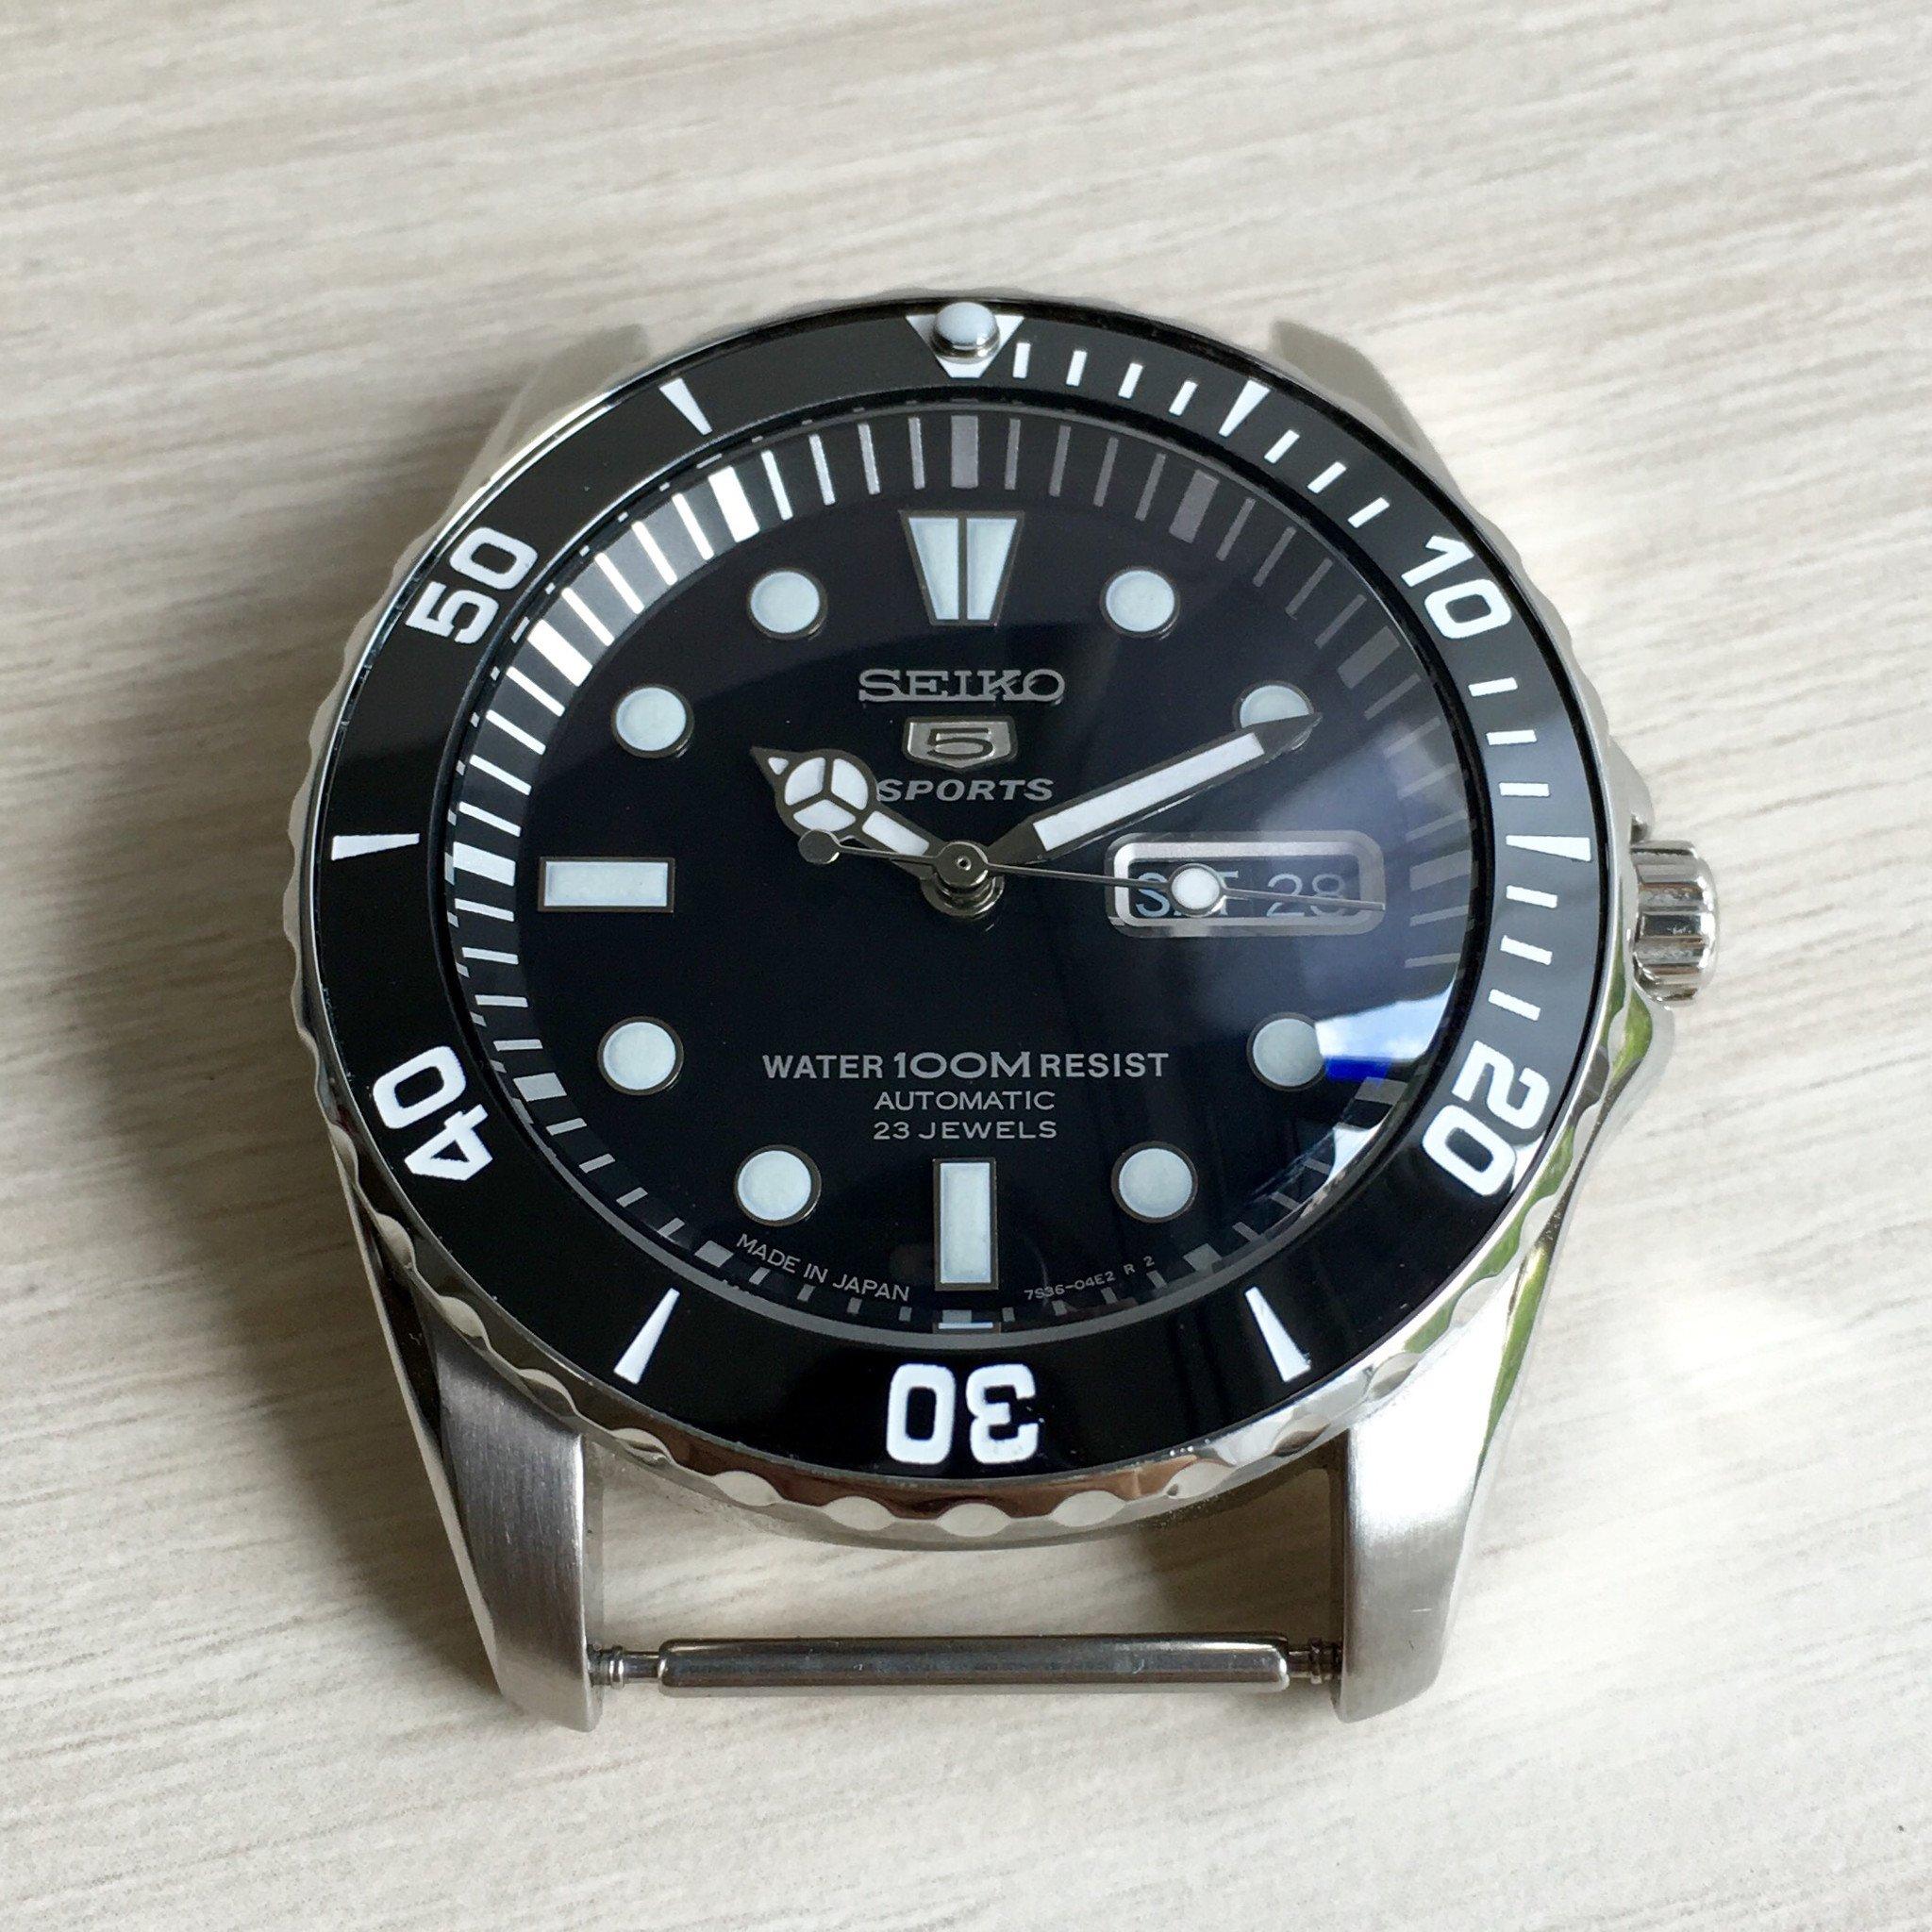 อุปกรณ์ MODIFY SEIKO - Seiko Submariner SNZF15,17